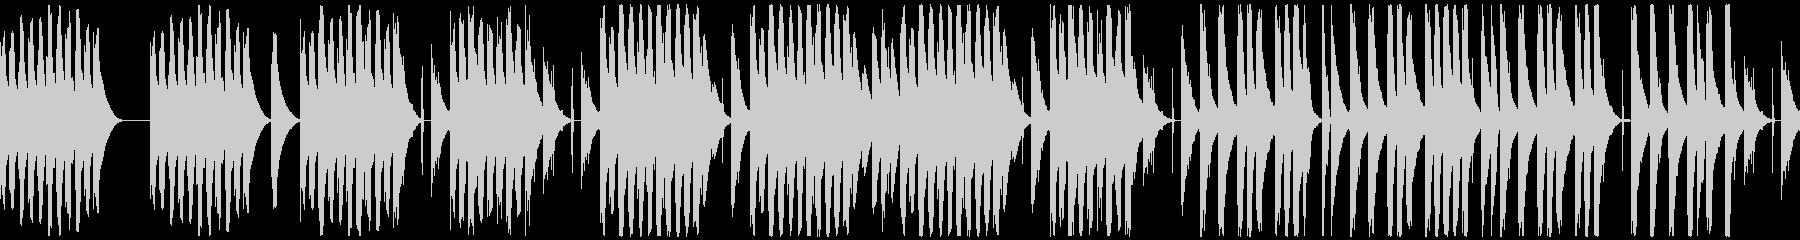 ほのぼのコミカルなリコーダーとマリンバの未再生の波形